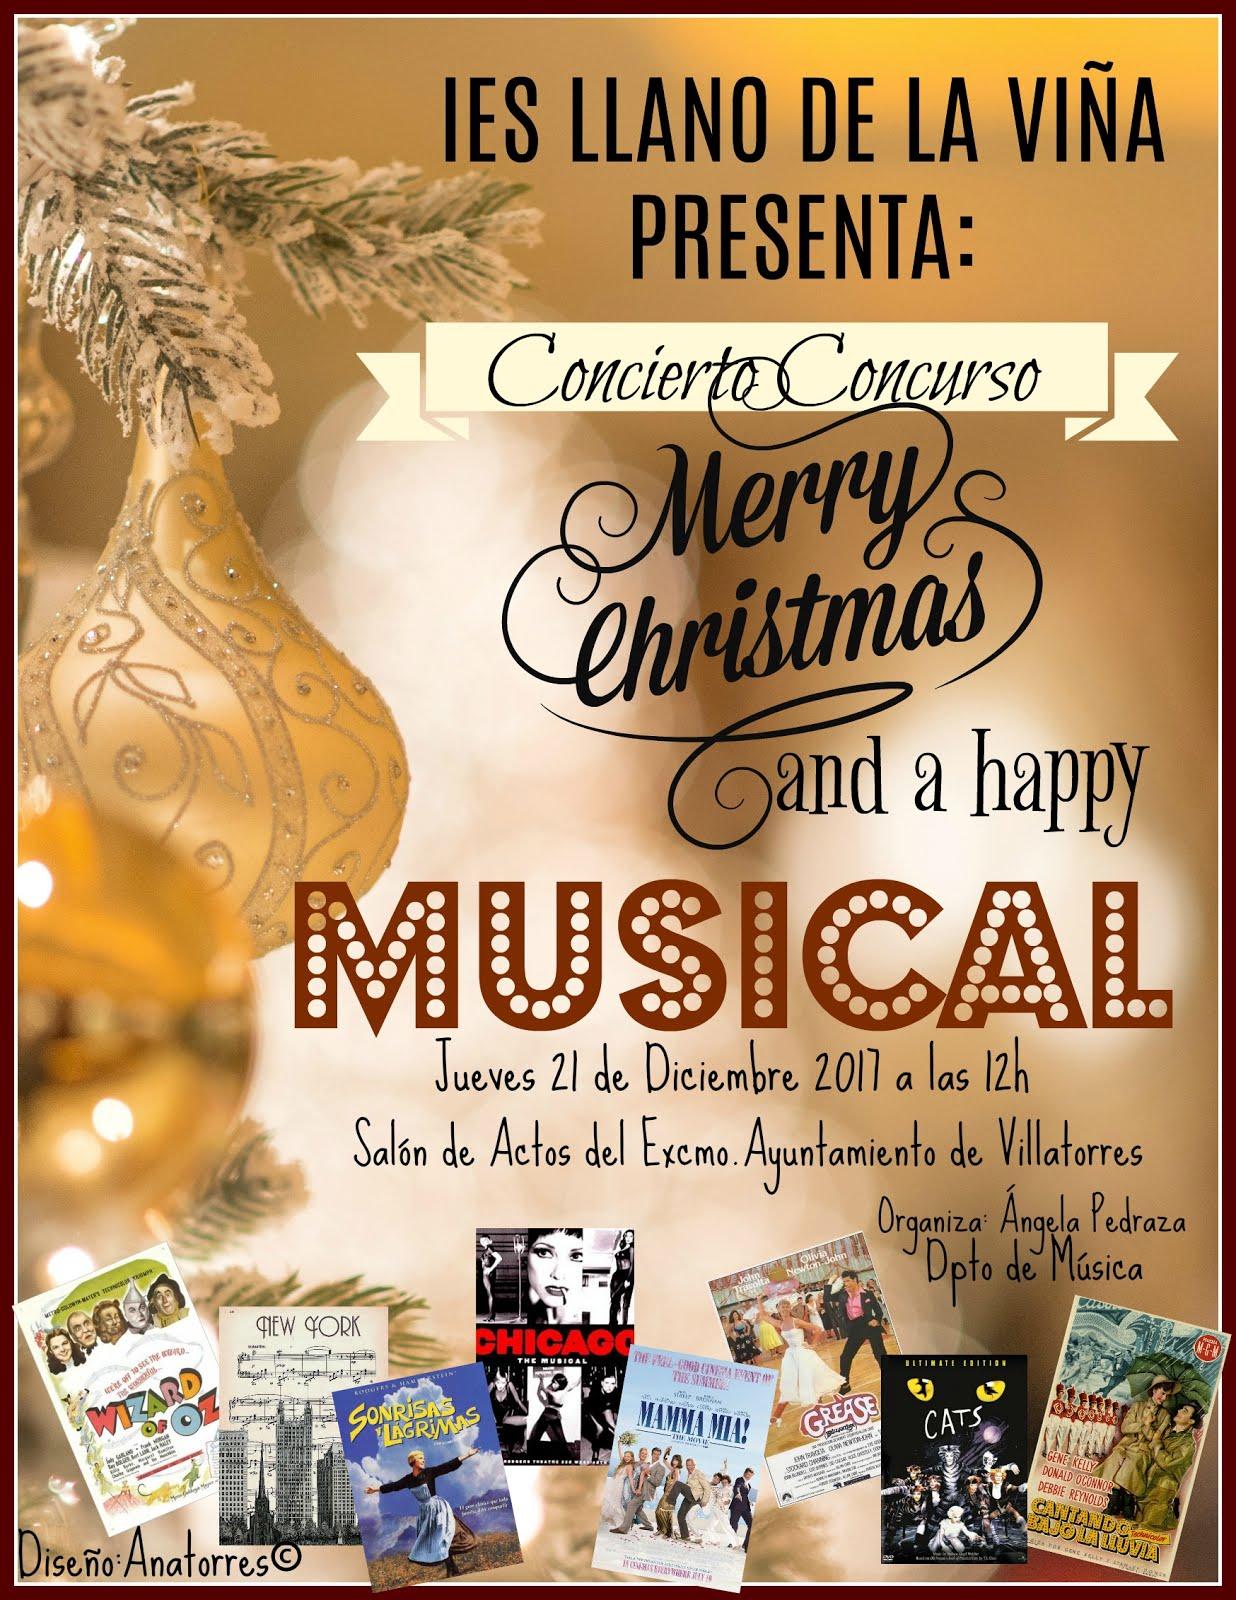 CONCIERTO CONCURSO DE NAVIDAD. MUSICALES